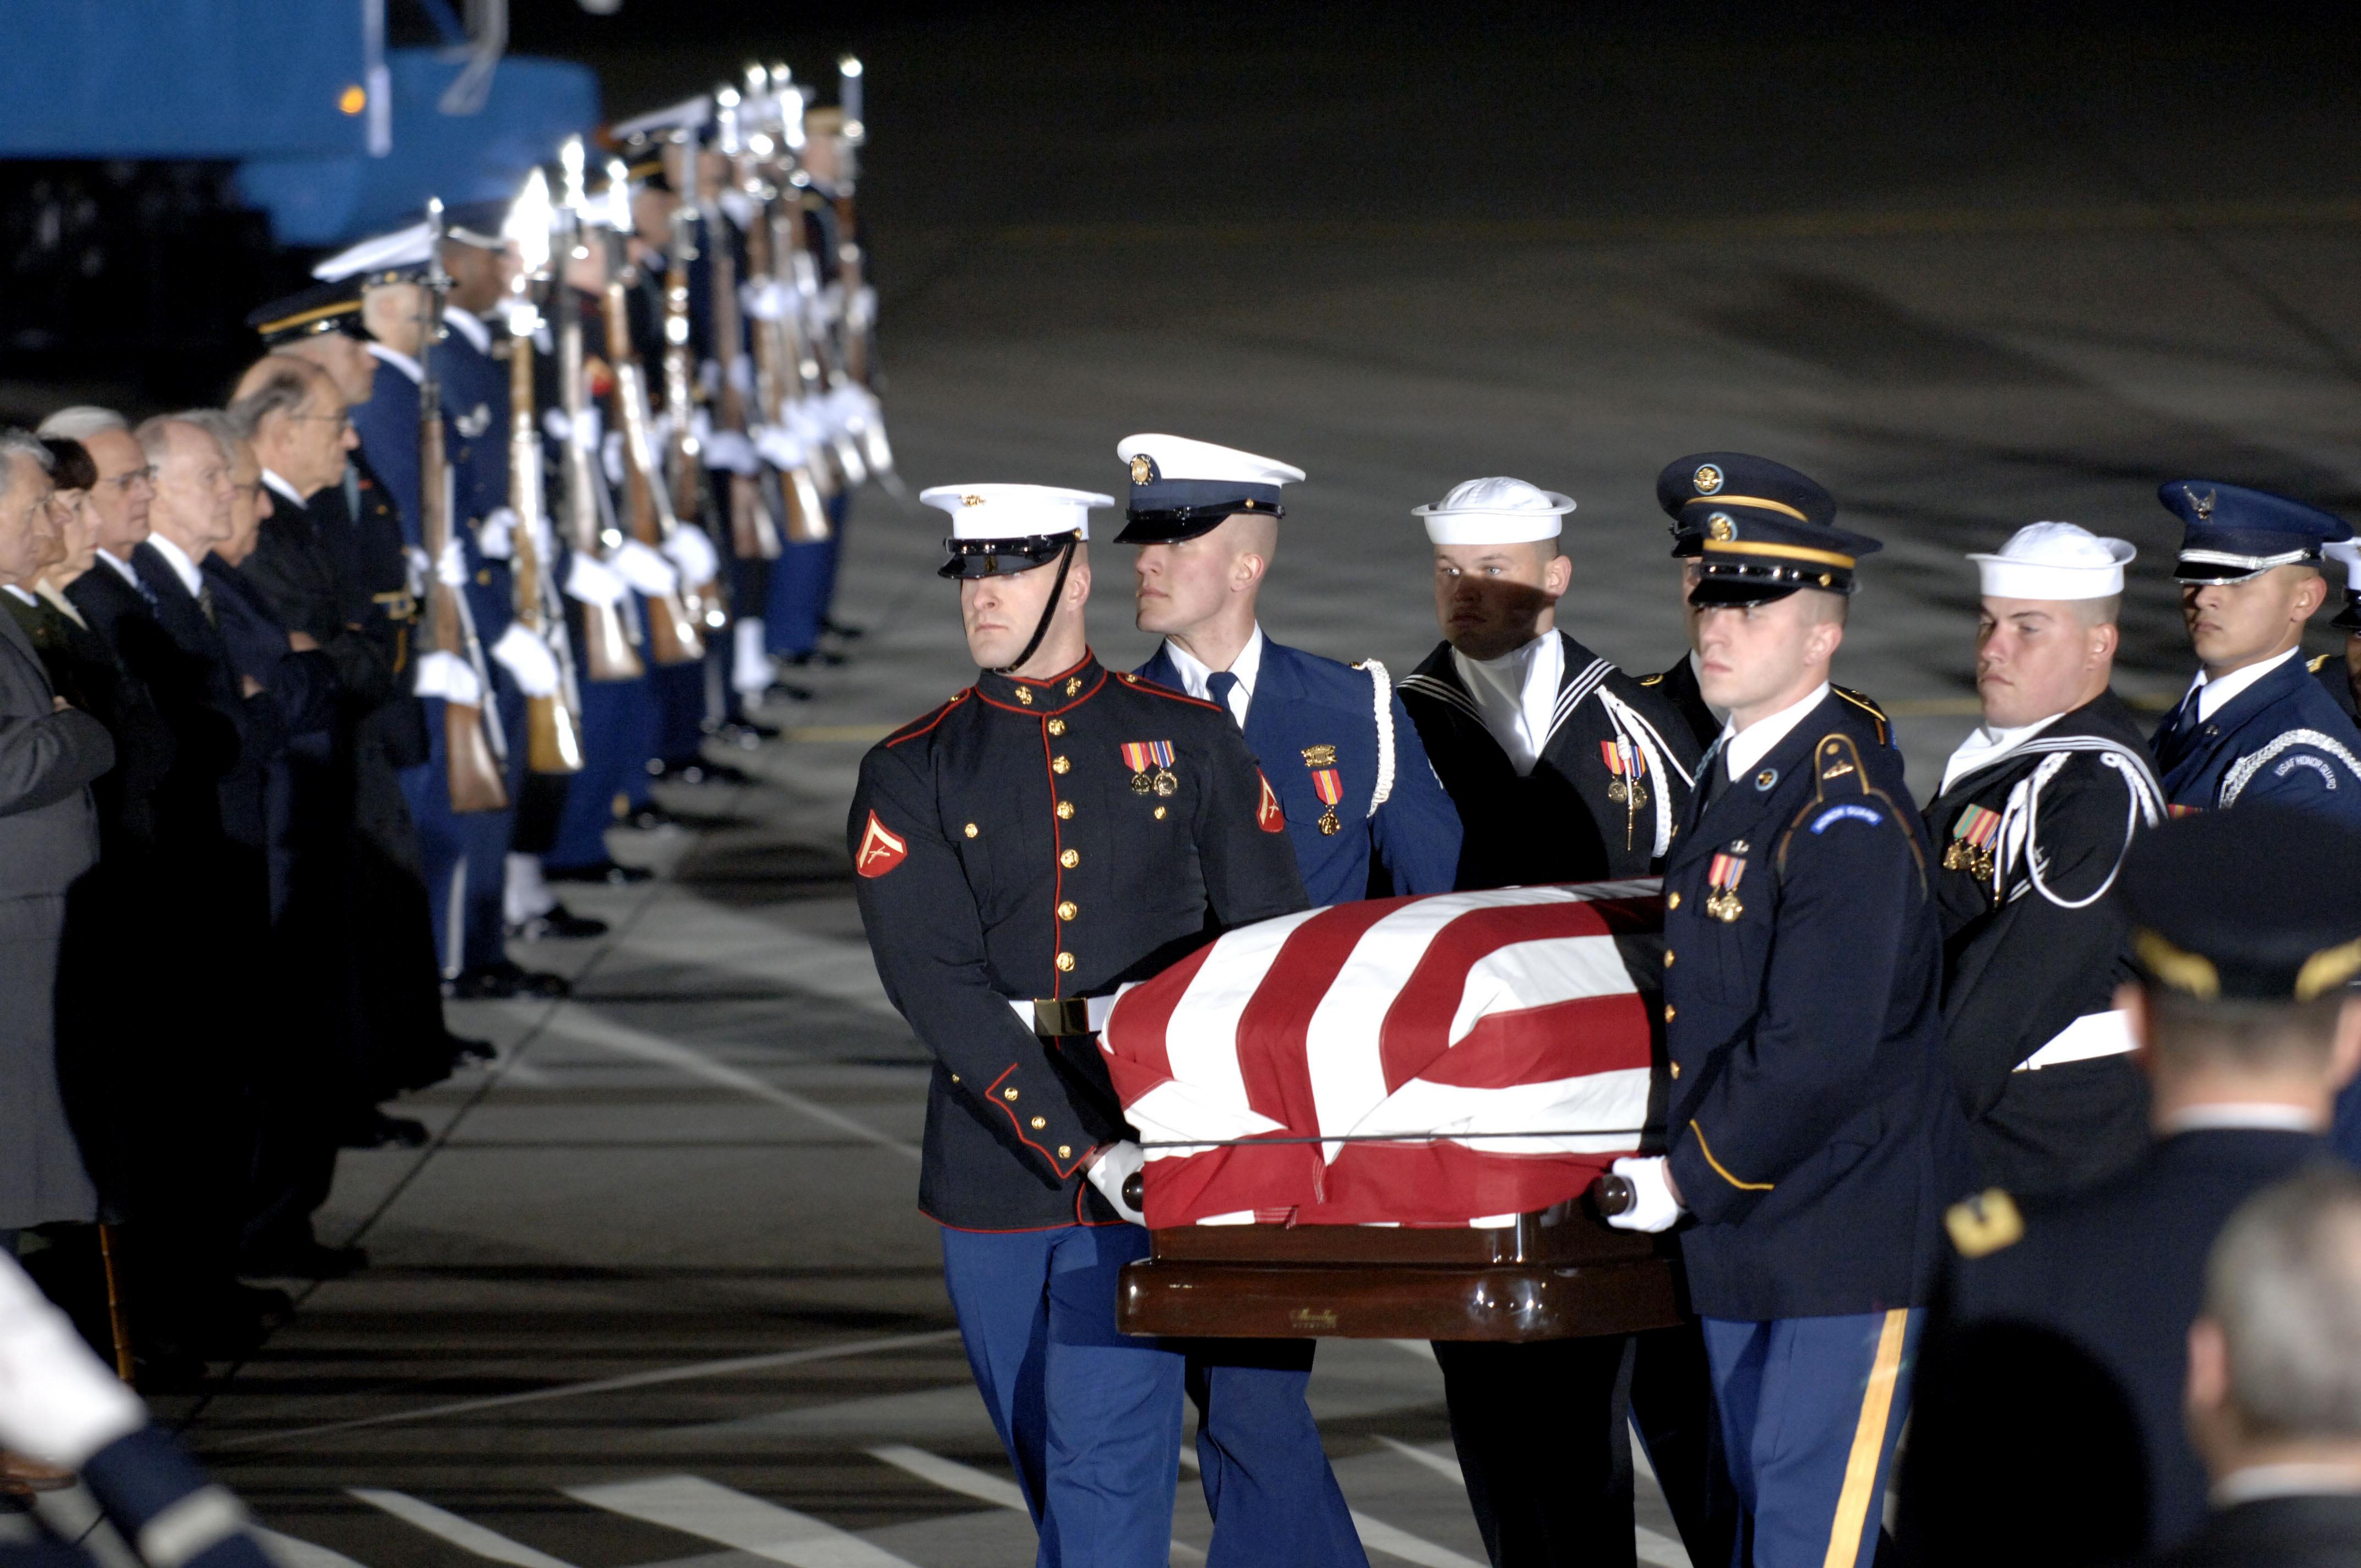 File:US Navy 061230 F 0194C 001 The casket of former